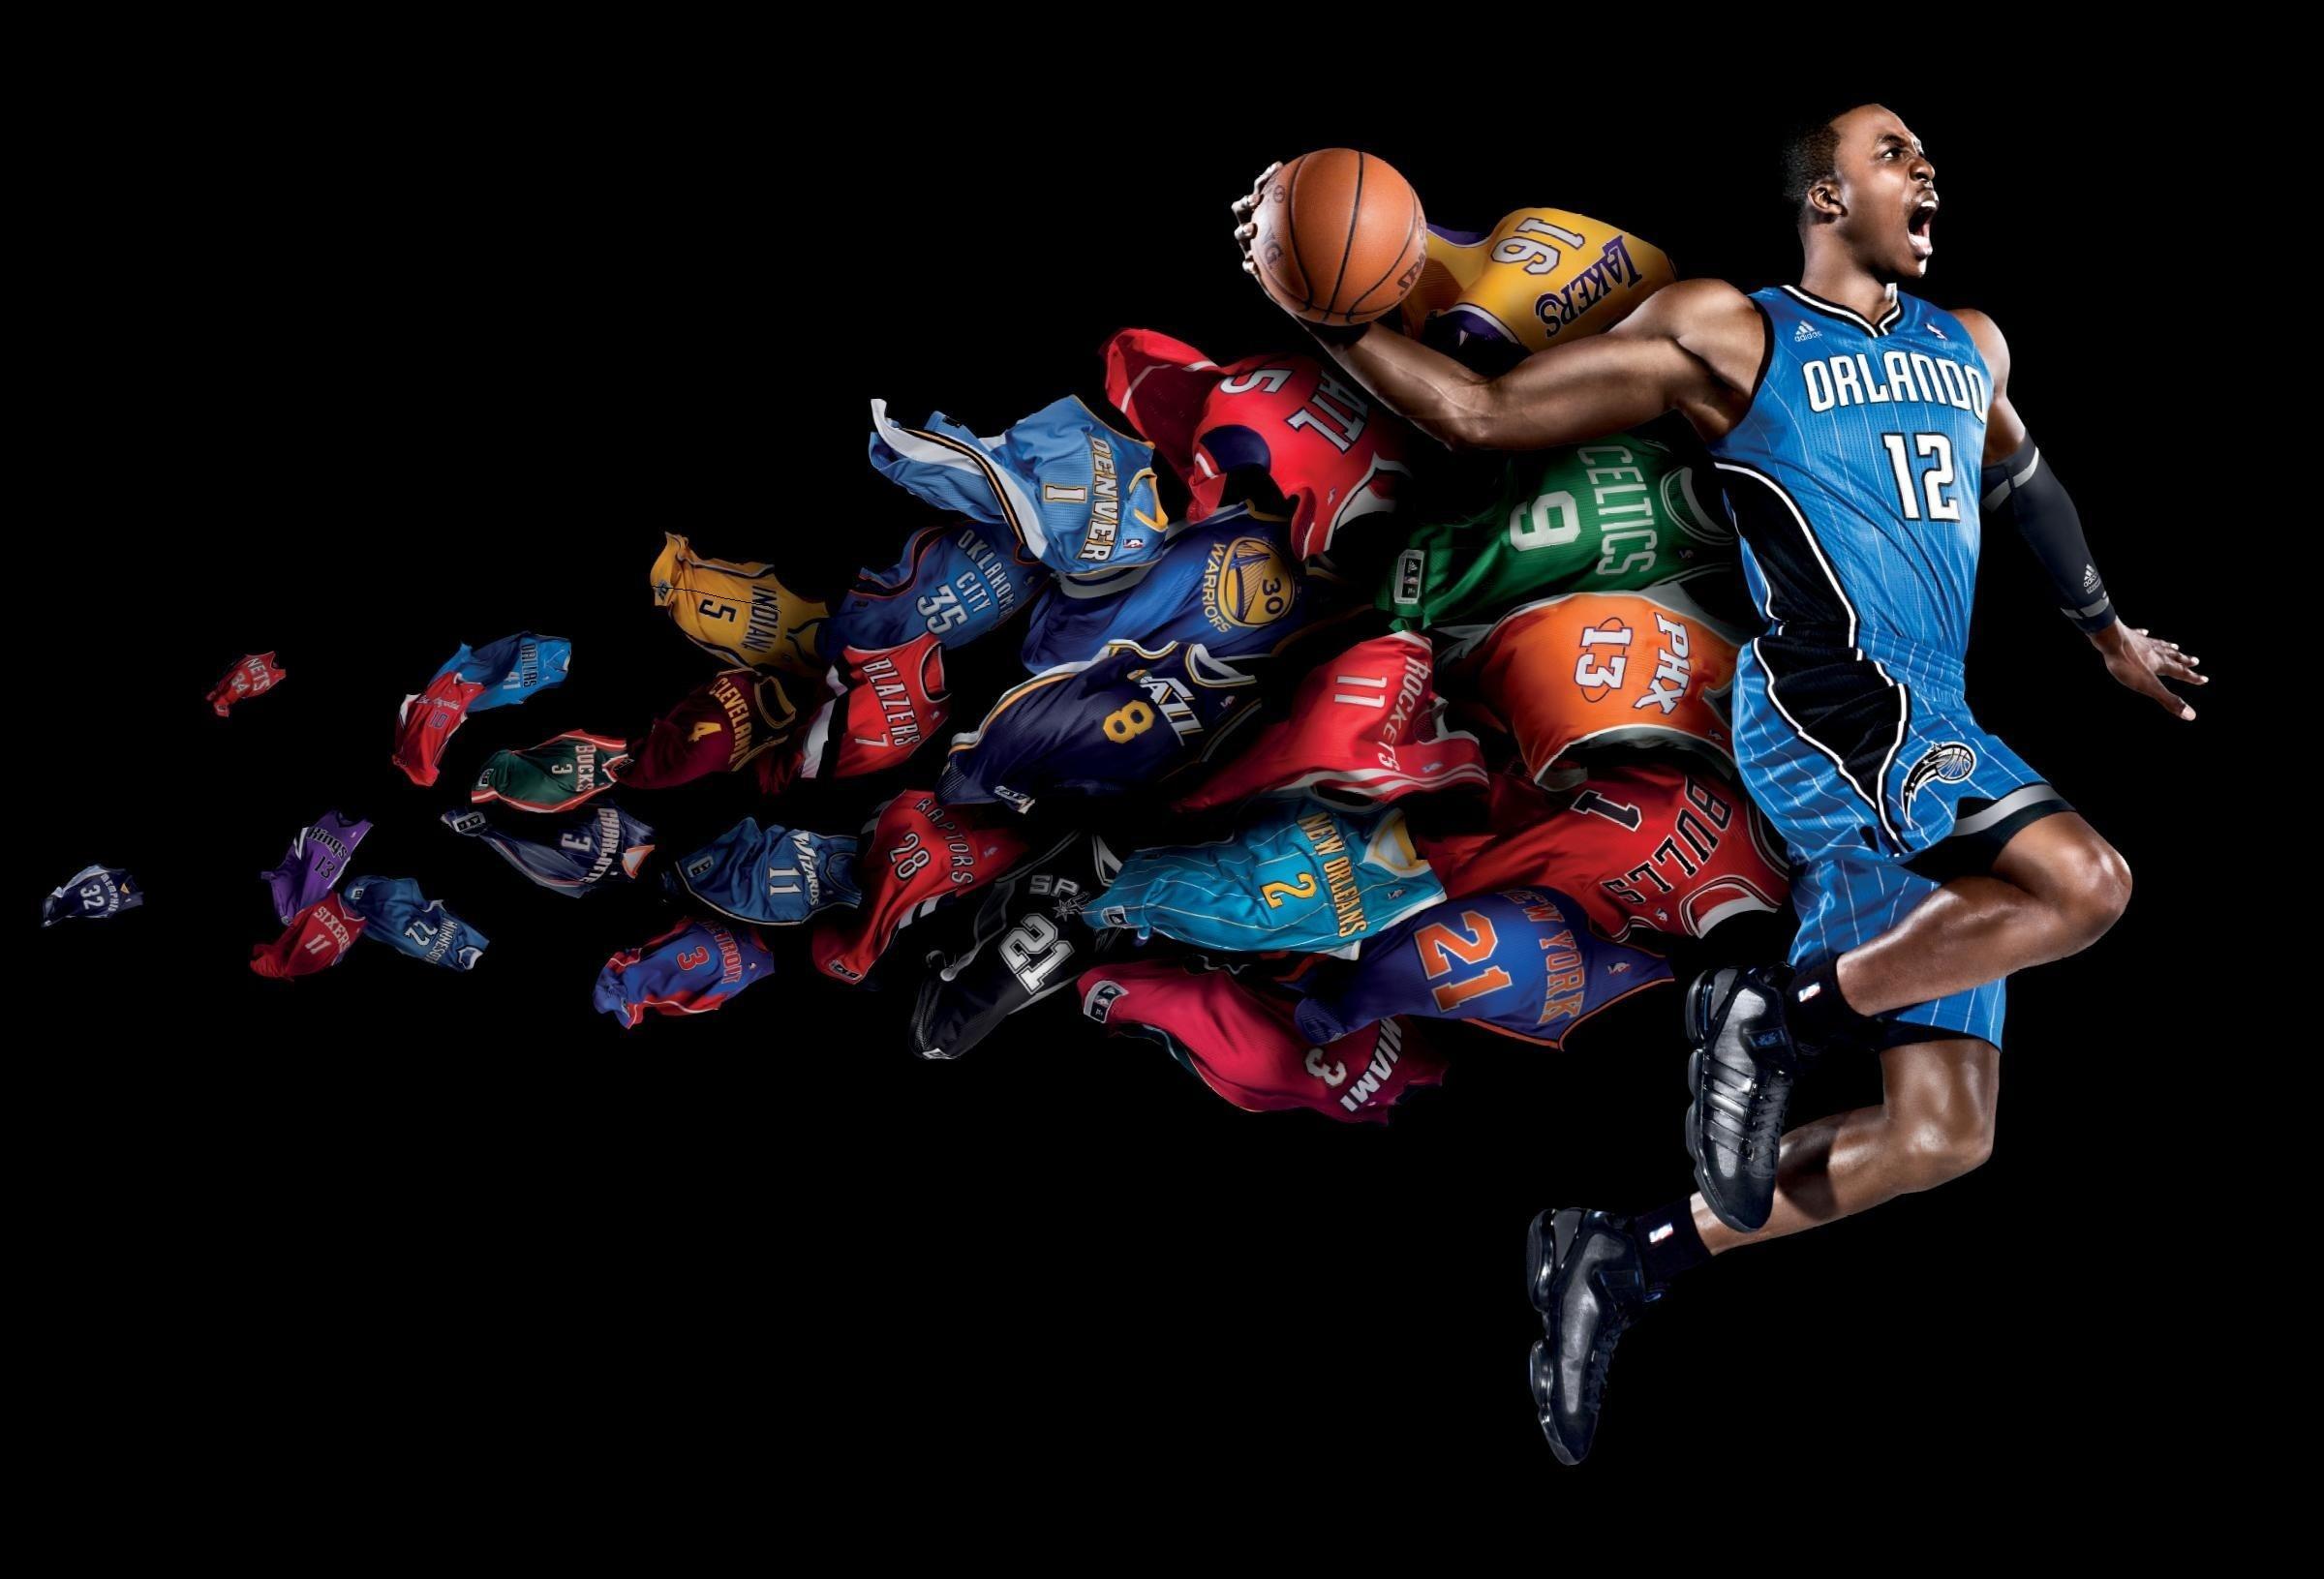 49] Cool Basketball Wallpapers HD on WallpaperSafari 2400x1631